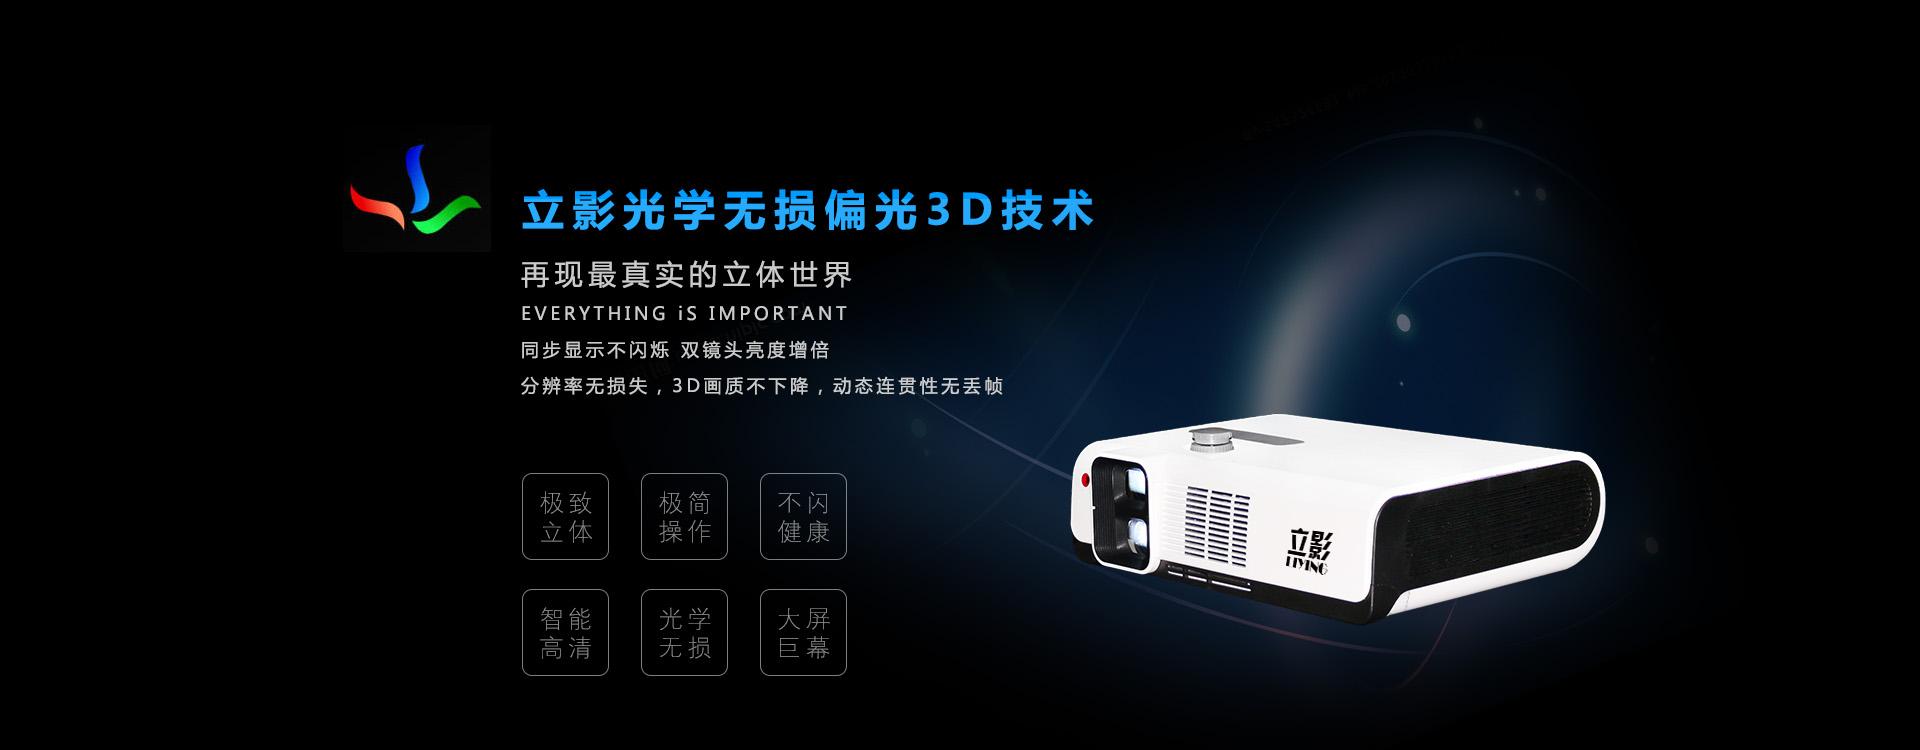 立影光学无损偏光3D技术